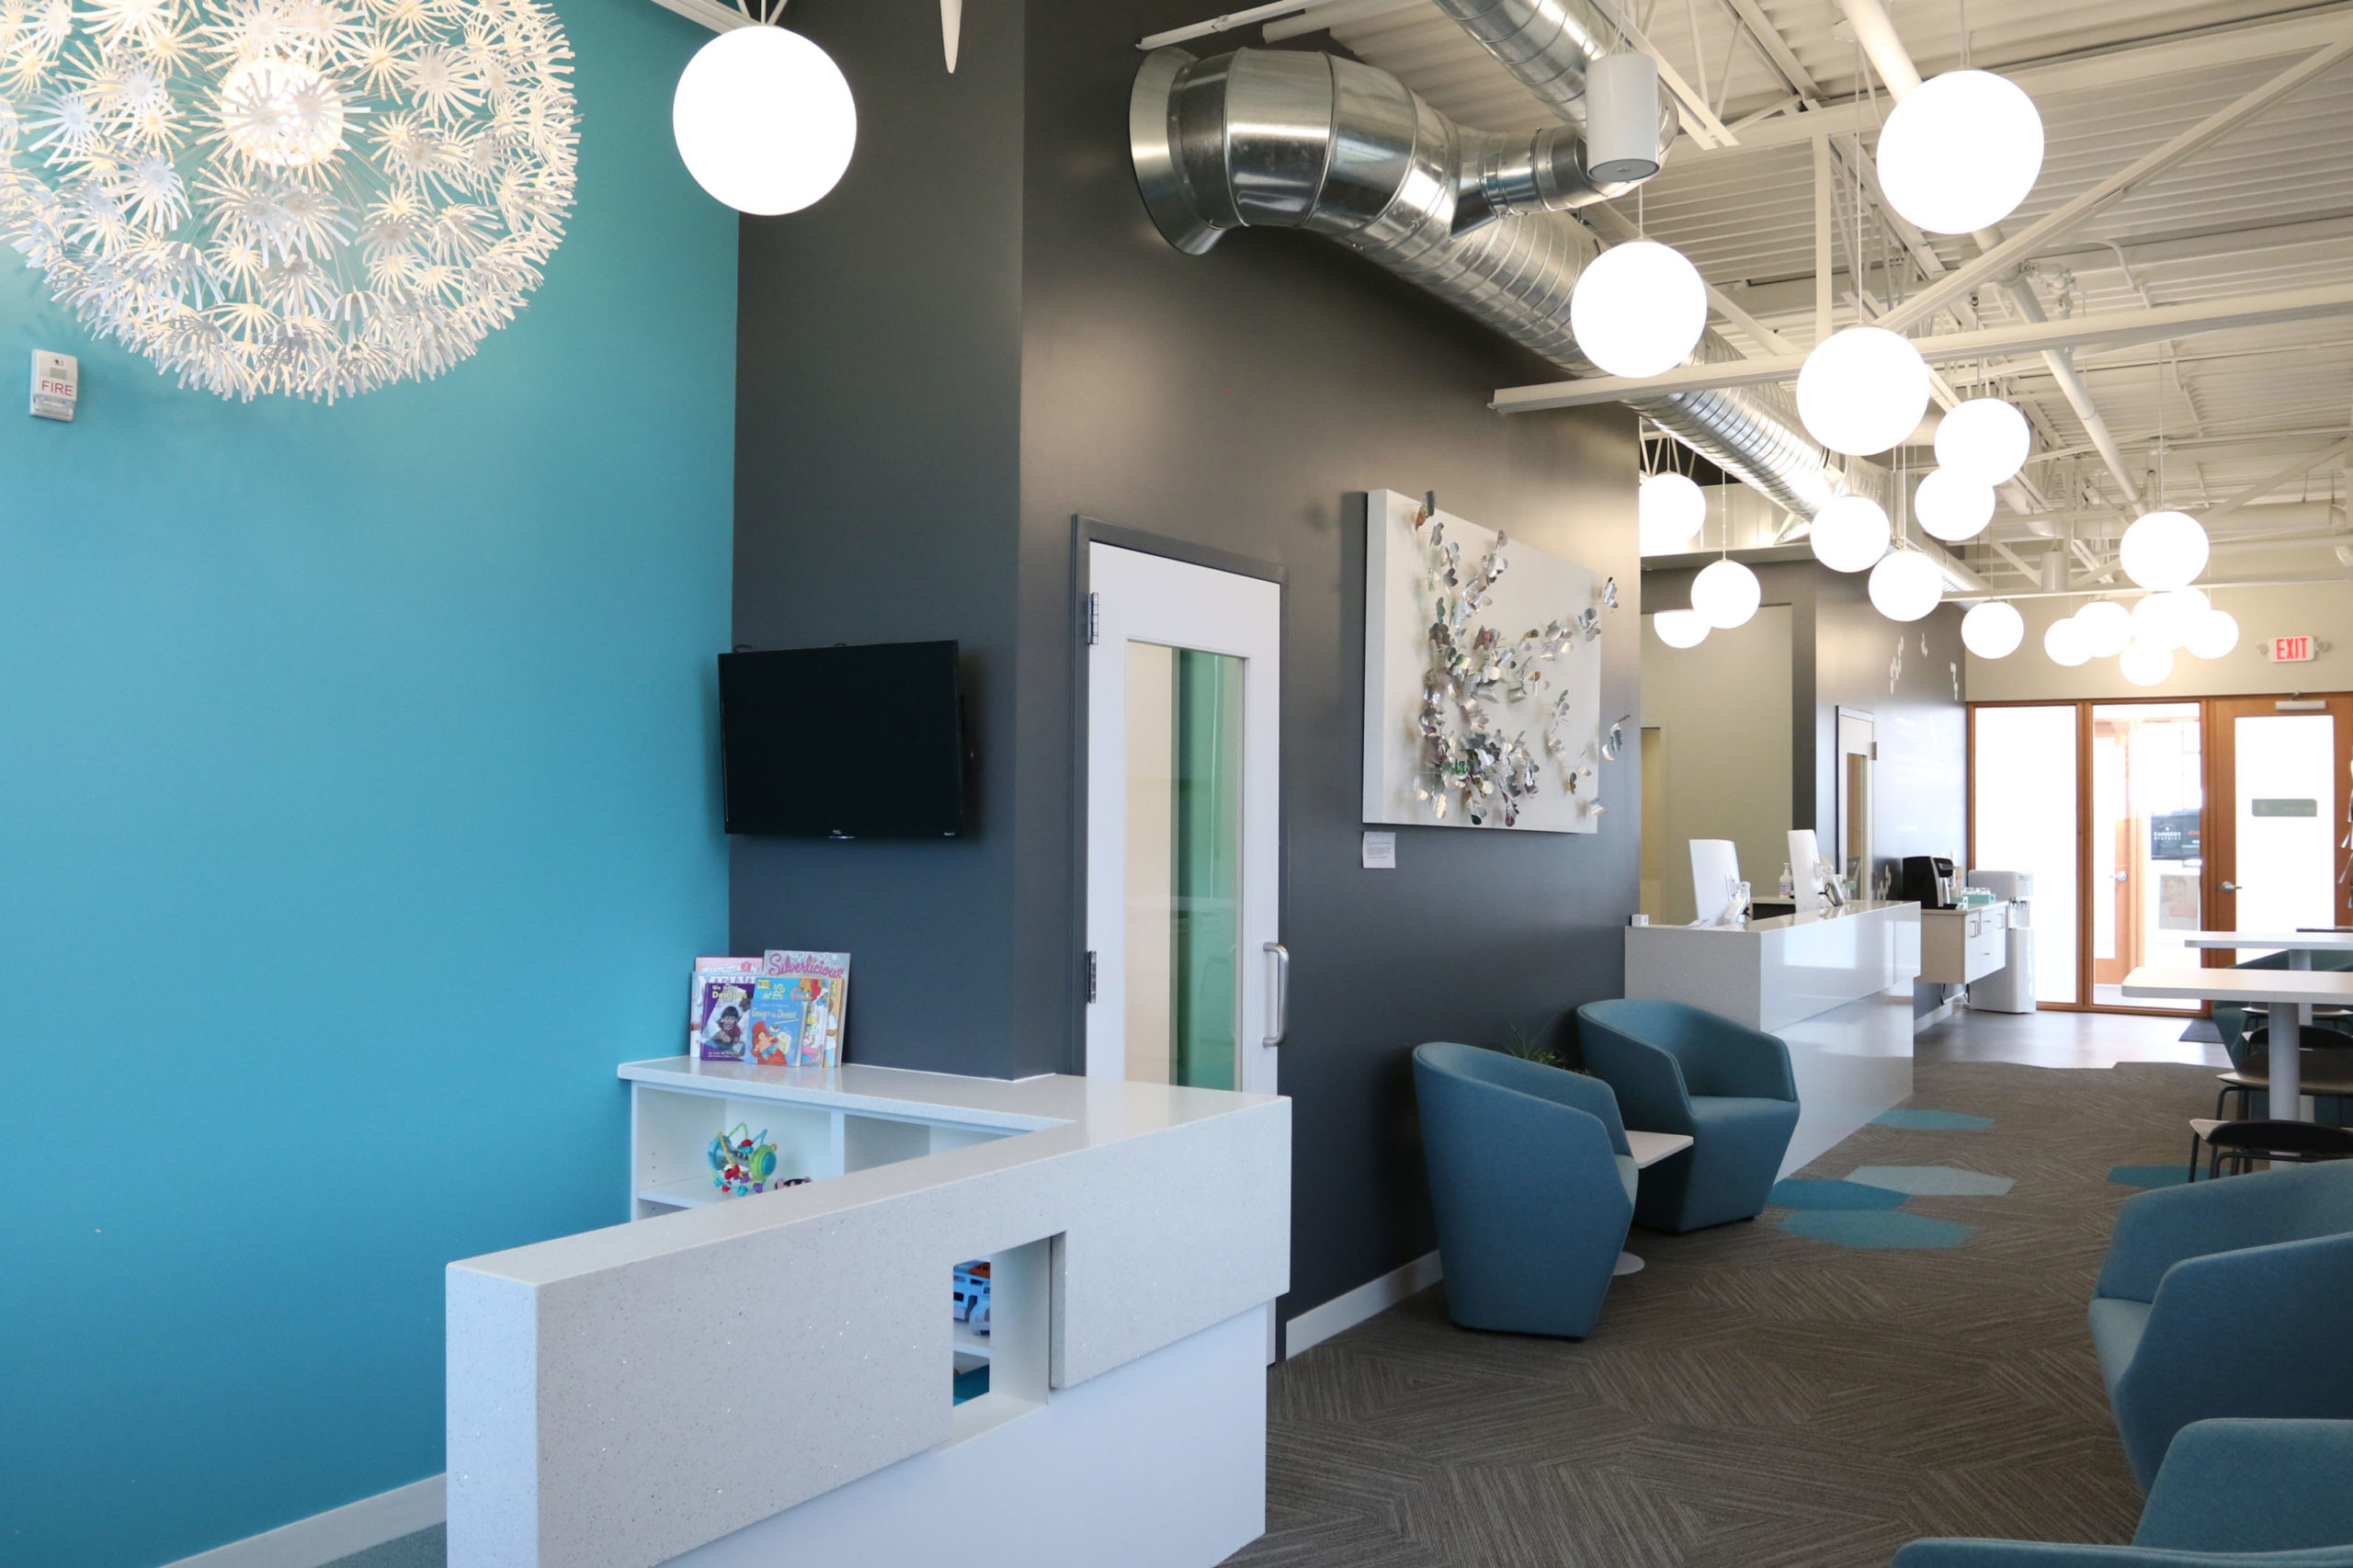 Mint* Reception Area